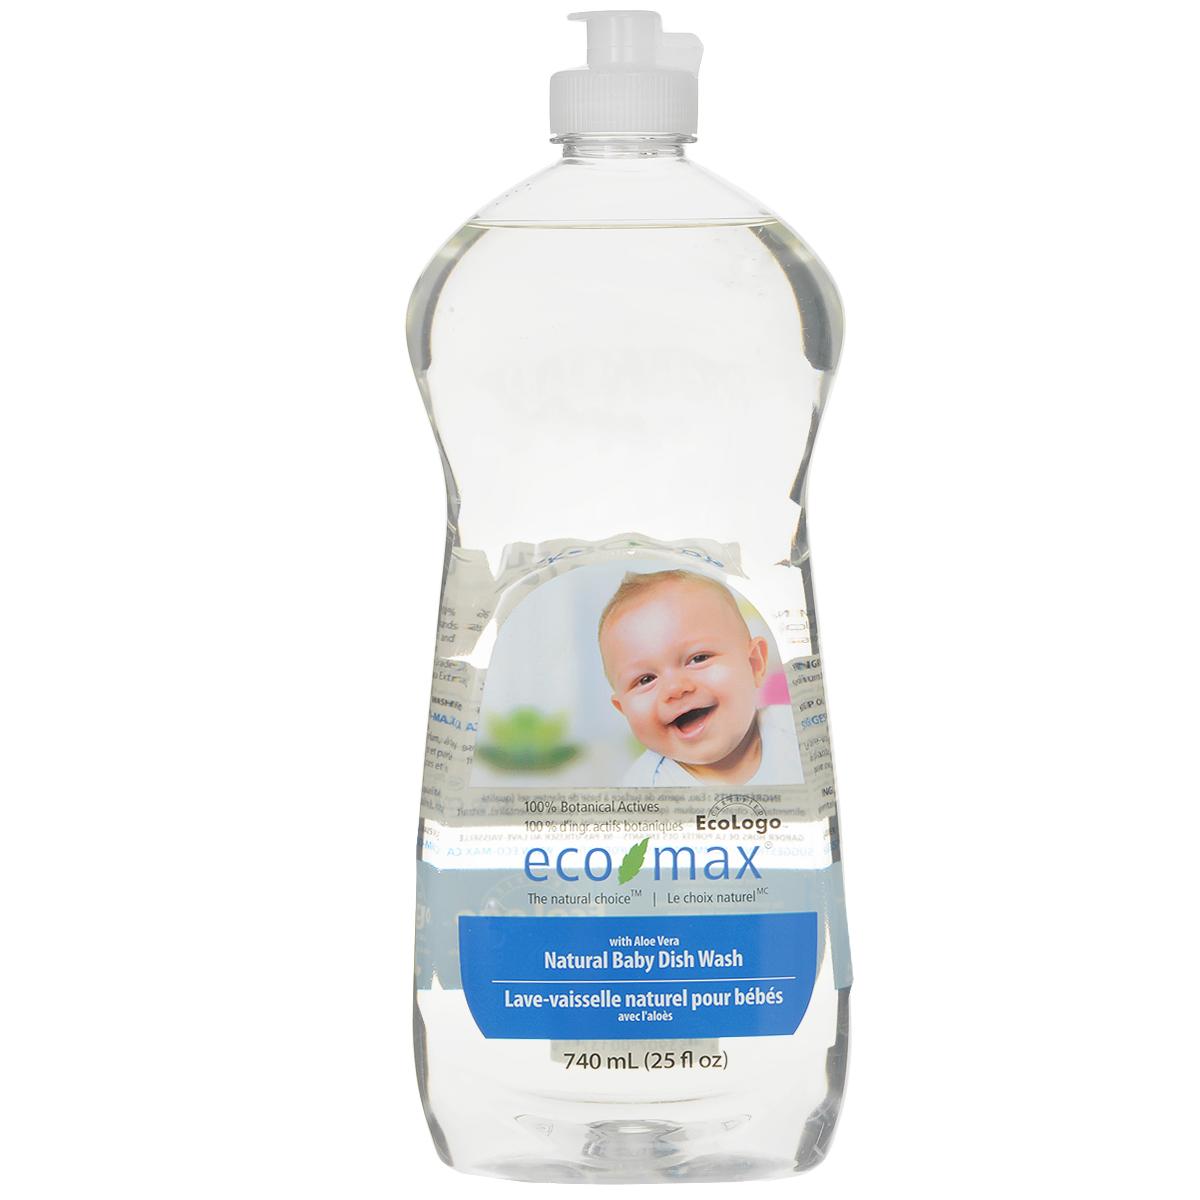 Средство для мытья детской посуды Eco Max, 740 млEmax-C137Средство для мытья детской посуды Eco Max - натуральное средство на 100% растительной основе, полностью биоразлагаемое. В этом средстве используются активные чистящие вещества ингредиентов, полученных из биоразлагаемых и возобновляемых растительных источников. Содержит алоэ вера, обладающее увлажняющими и заживляющими свойствами. Не имеет запаха и идеально подходит для ежедневного мытья посуды, особенно людям, чувствительным к различным запахам. Состав: вода, ПАВ растительного происхождения, растительный экстракт алоэ вера, пищевой сорбат калия в качестве консерванта, пищевая лимонная кислота (из плодов лимона). Товар сертифицирован.